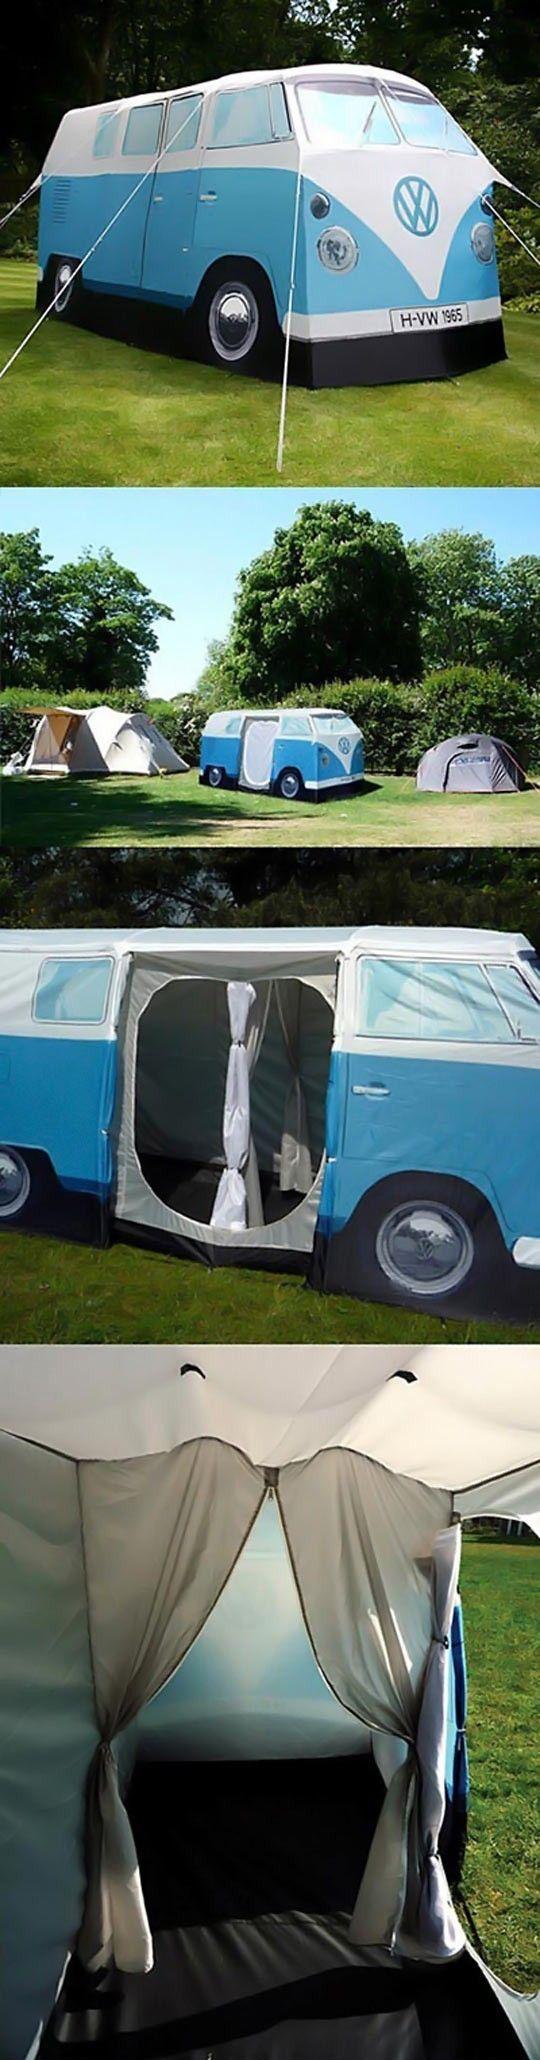 VW Camper Tent http://ibeebz.com